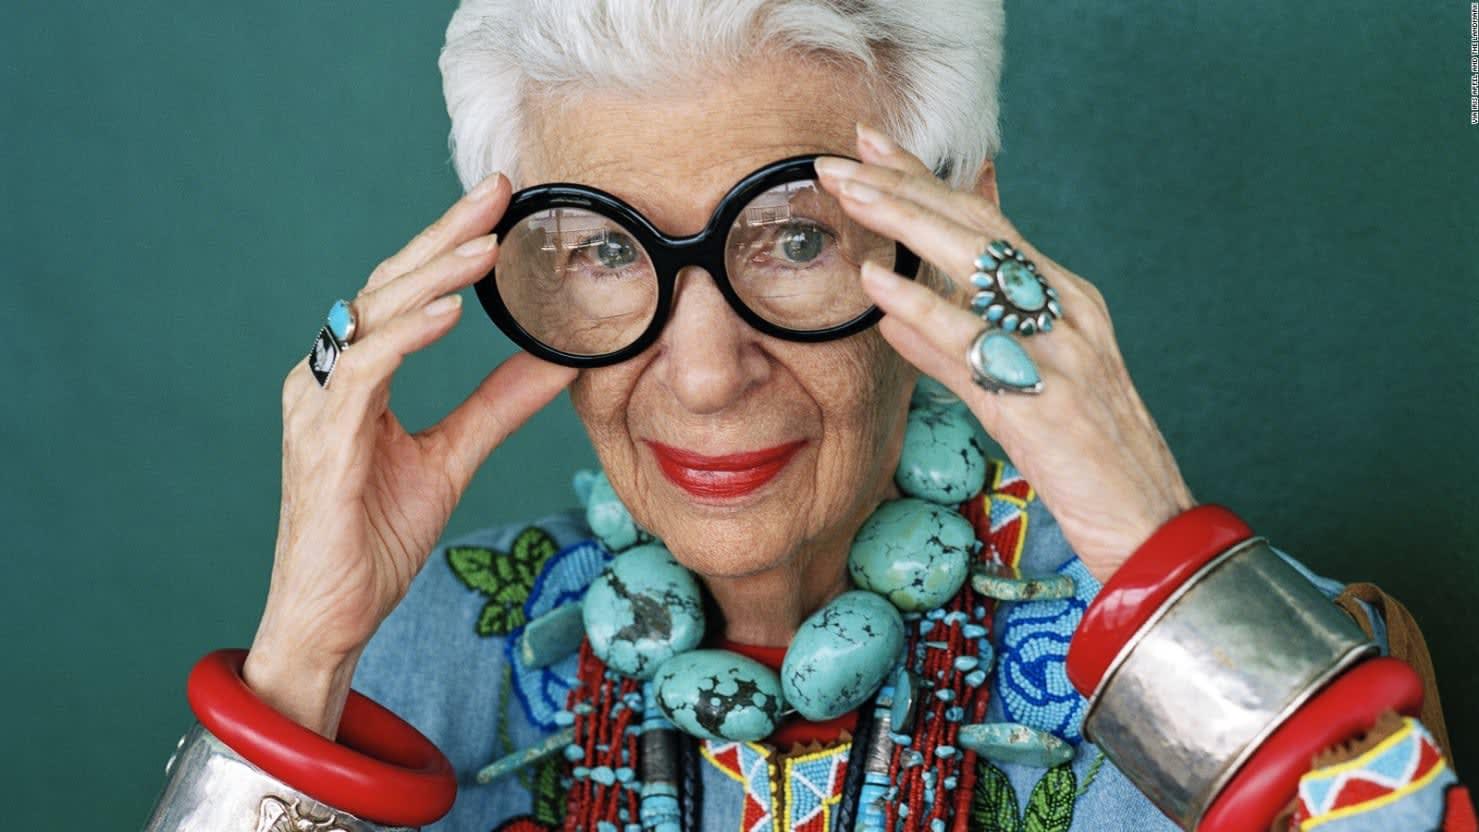 أيقونة تصميم في 97 من عمرها توقع عقد لعرض الأزياء.. فمن هي؟